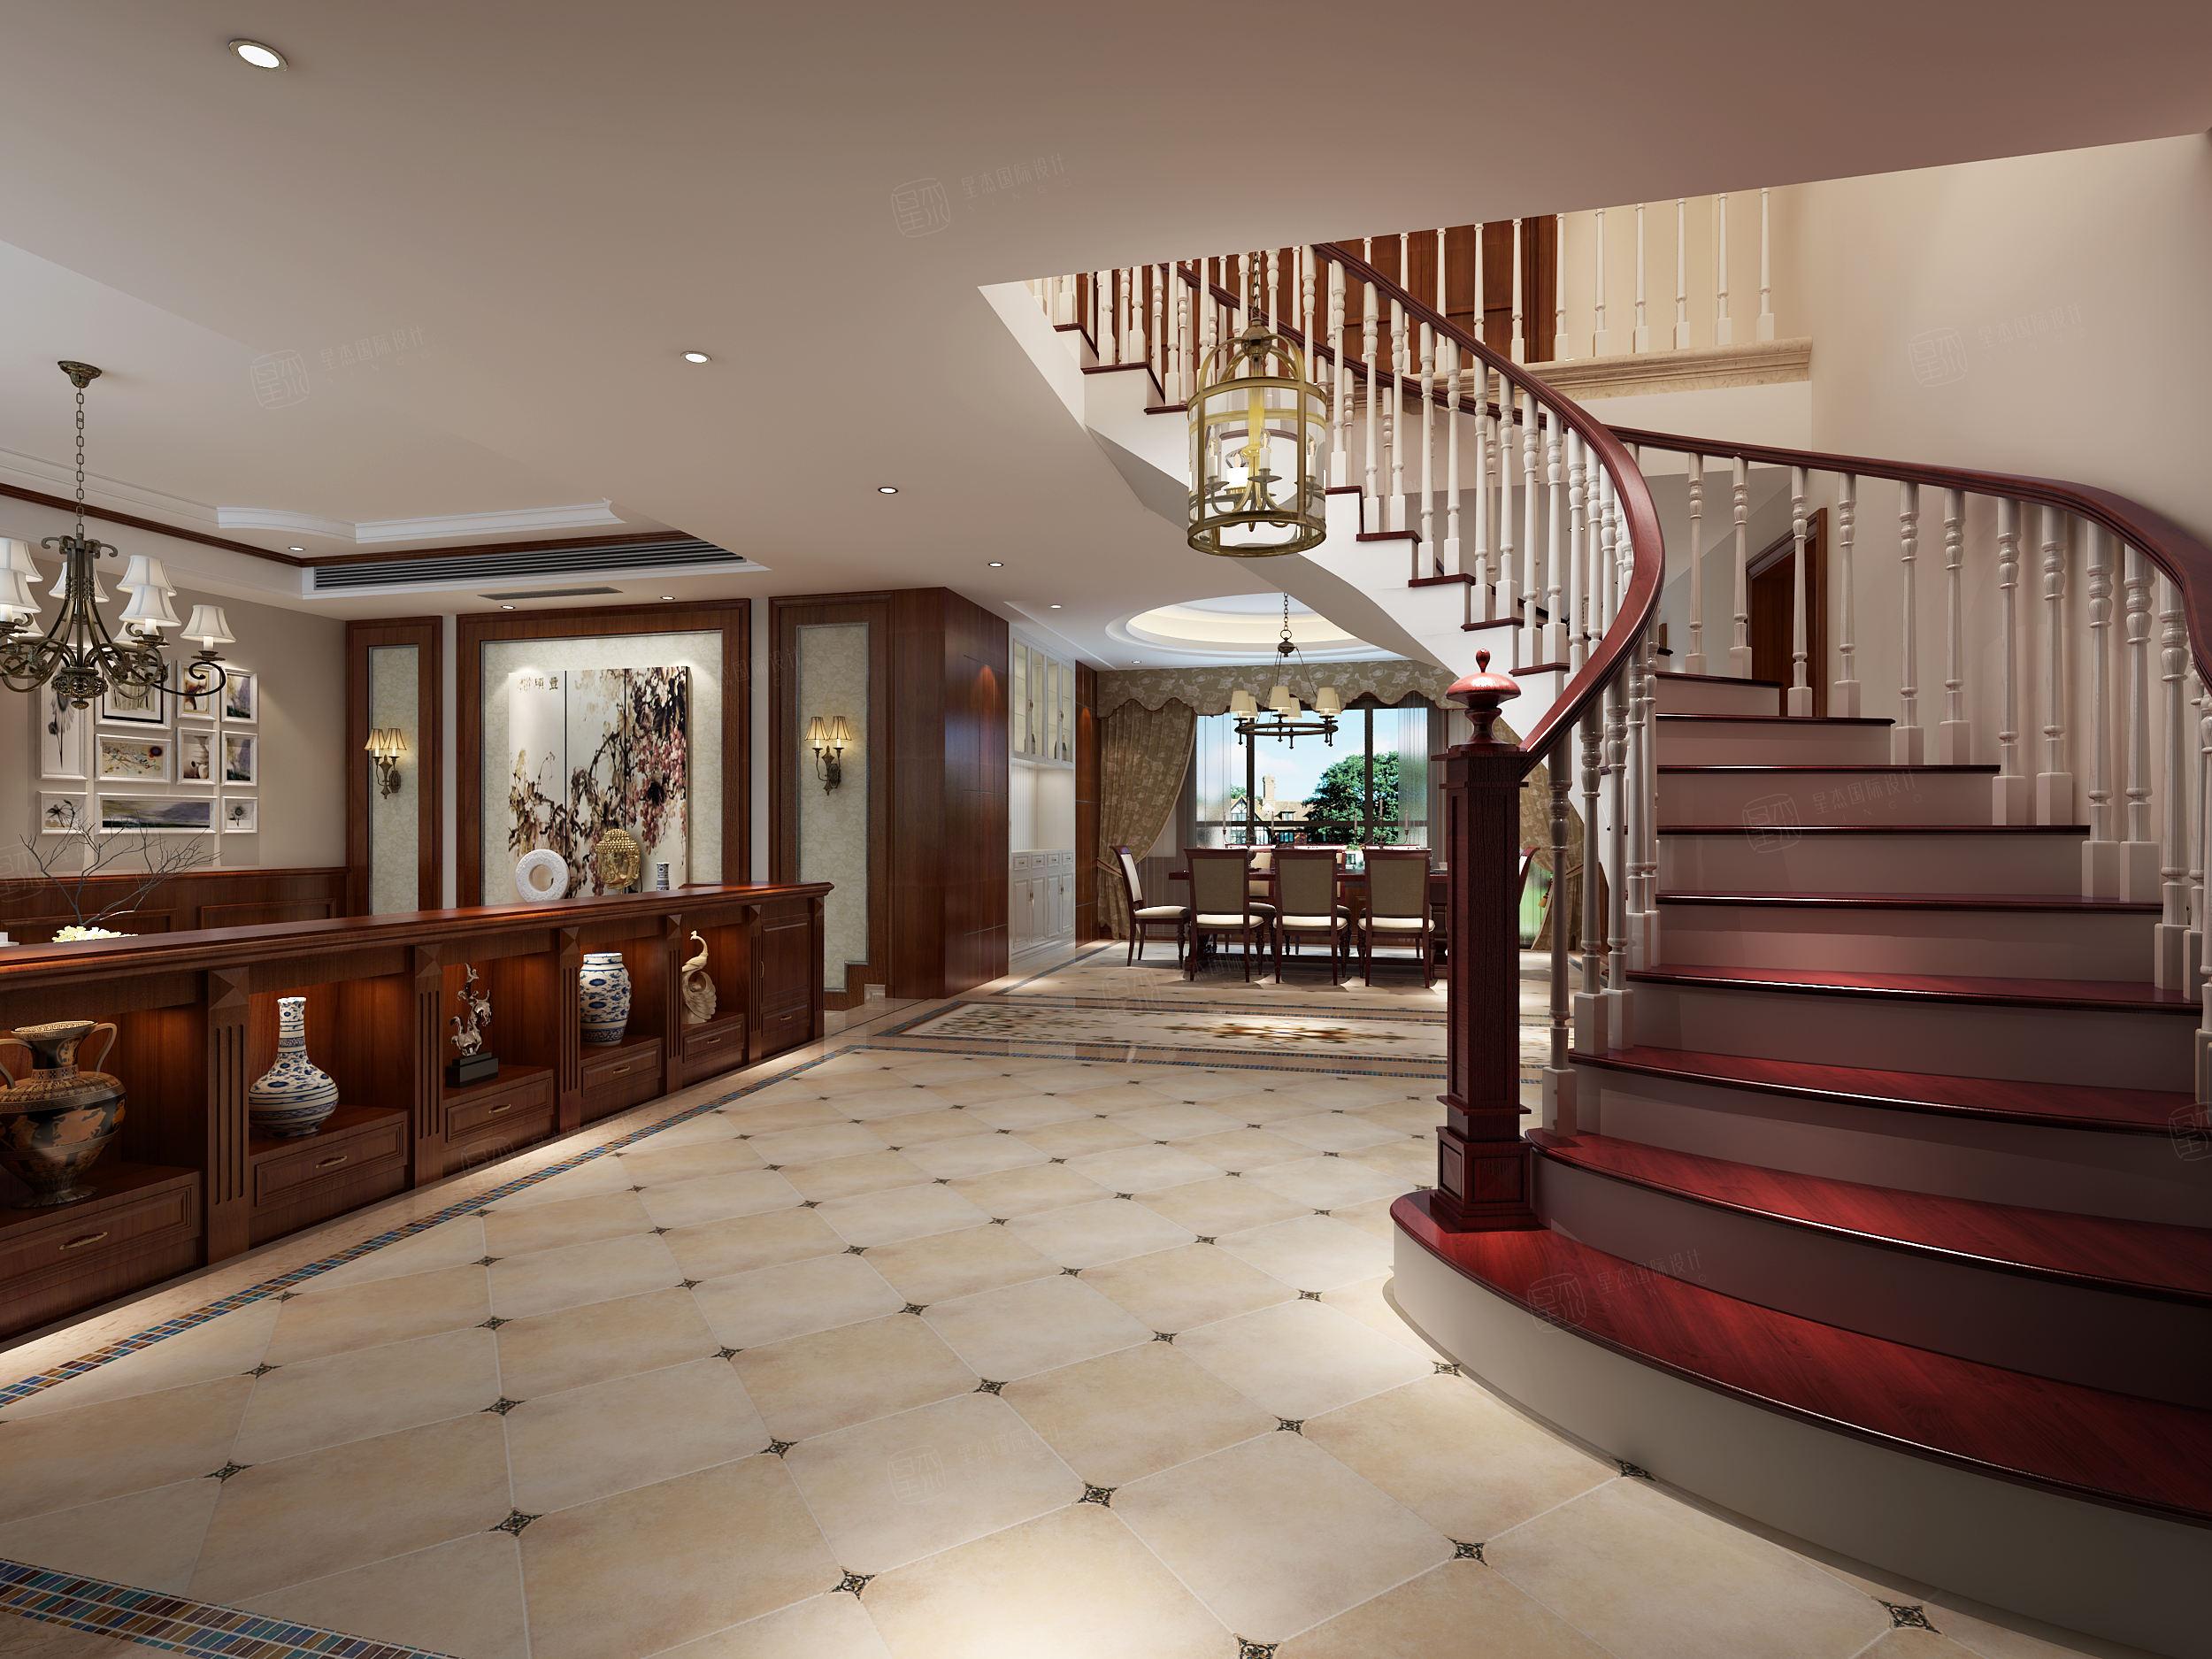 西郊华城 美式装修楼梯效果图